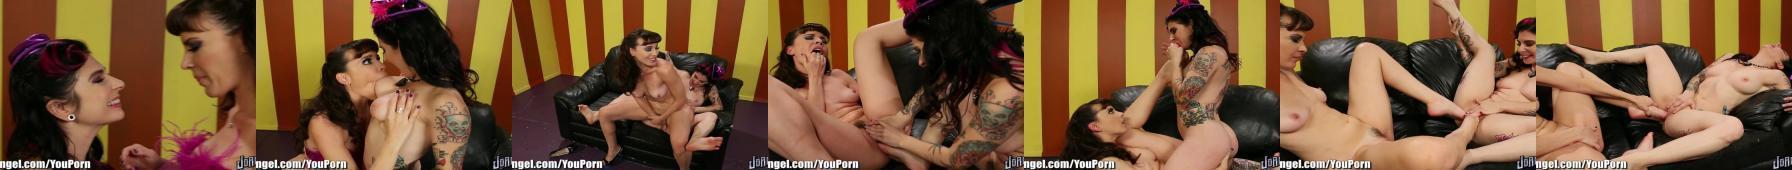 Filmy porno z Joanna Angel